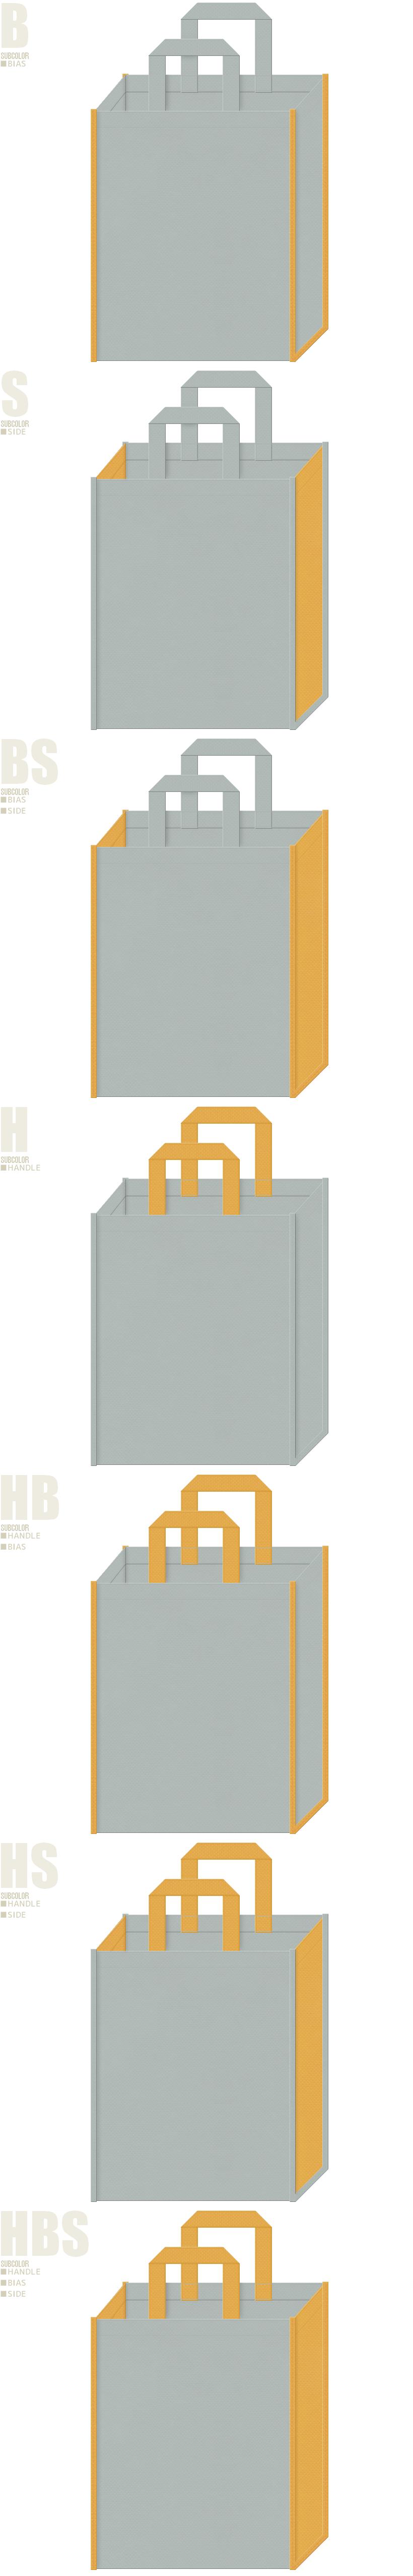 不織布バッグのデザイン:グレー色と黄土色の配色7パターン